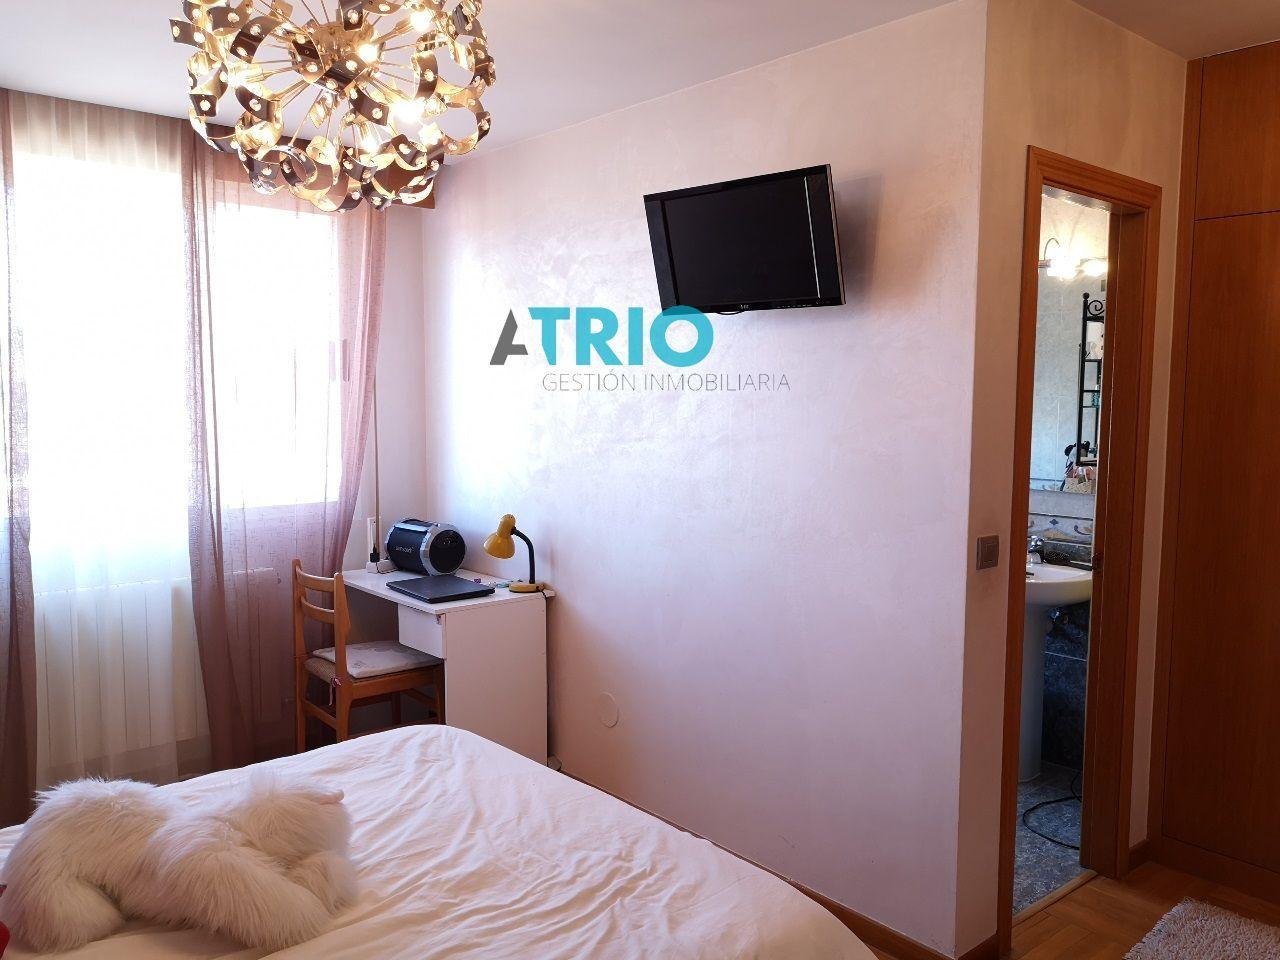 dia.mobiliagestion.es/Portals/inmoatrio/Images/5829/2988603